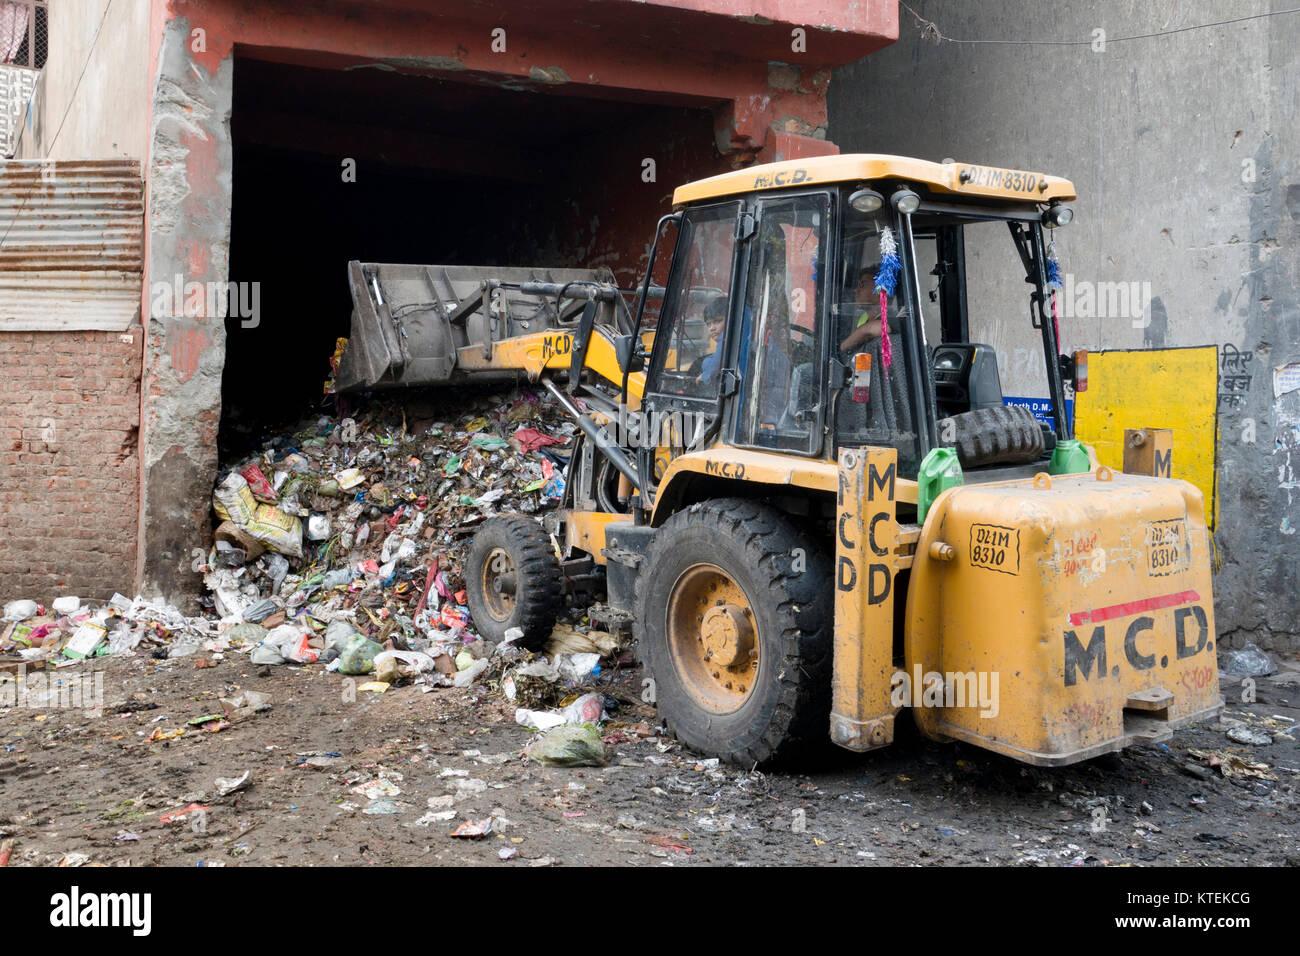 India Waste Management Stock Photos & India Waste Management